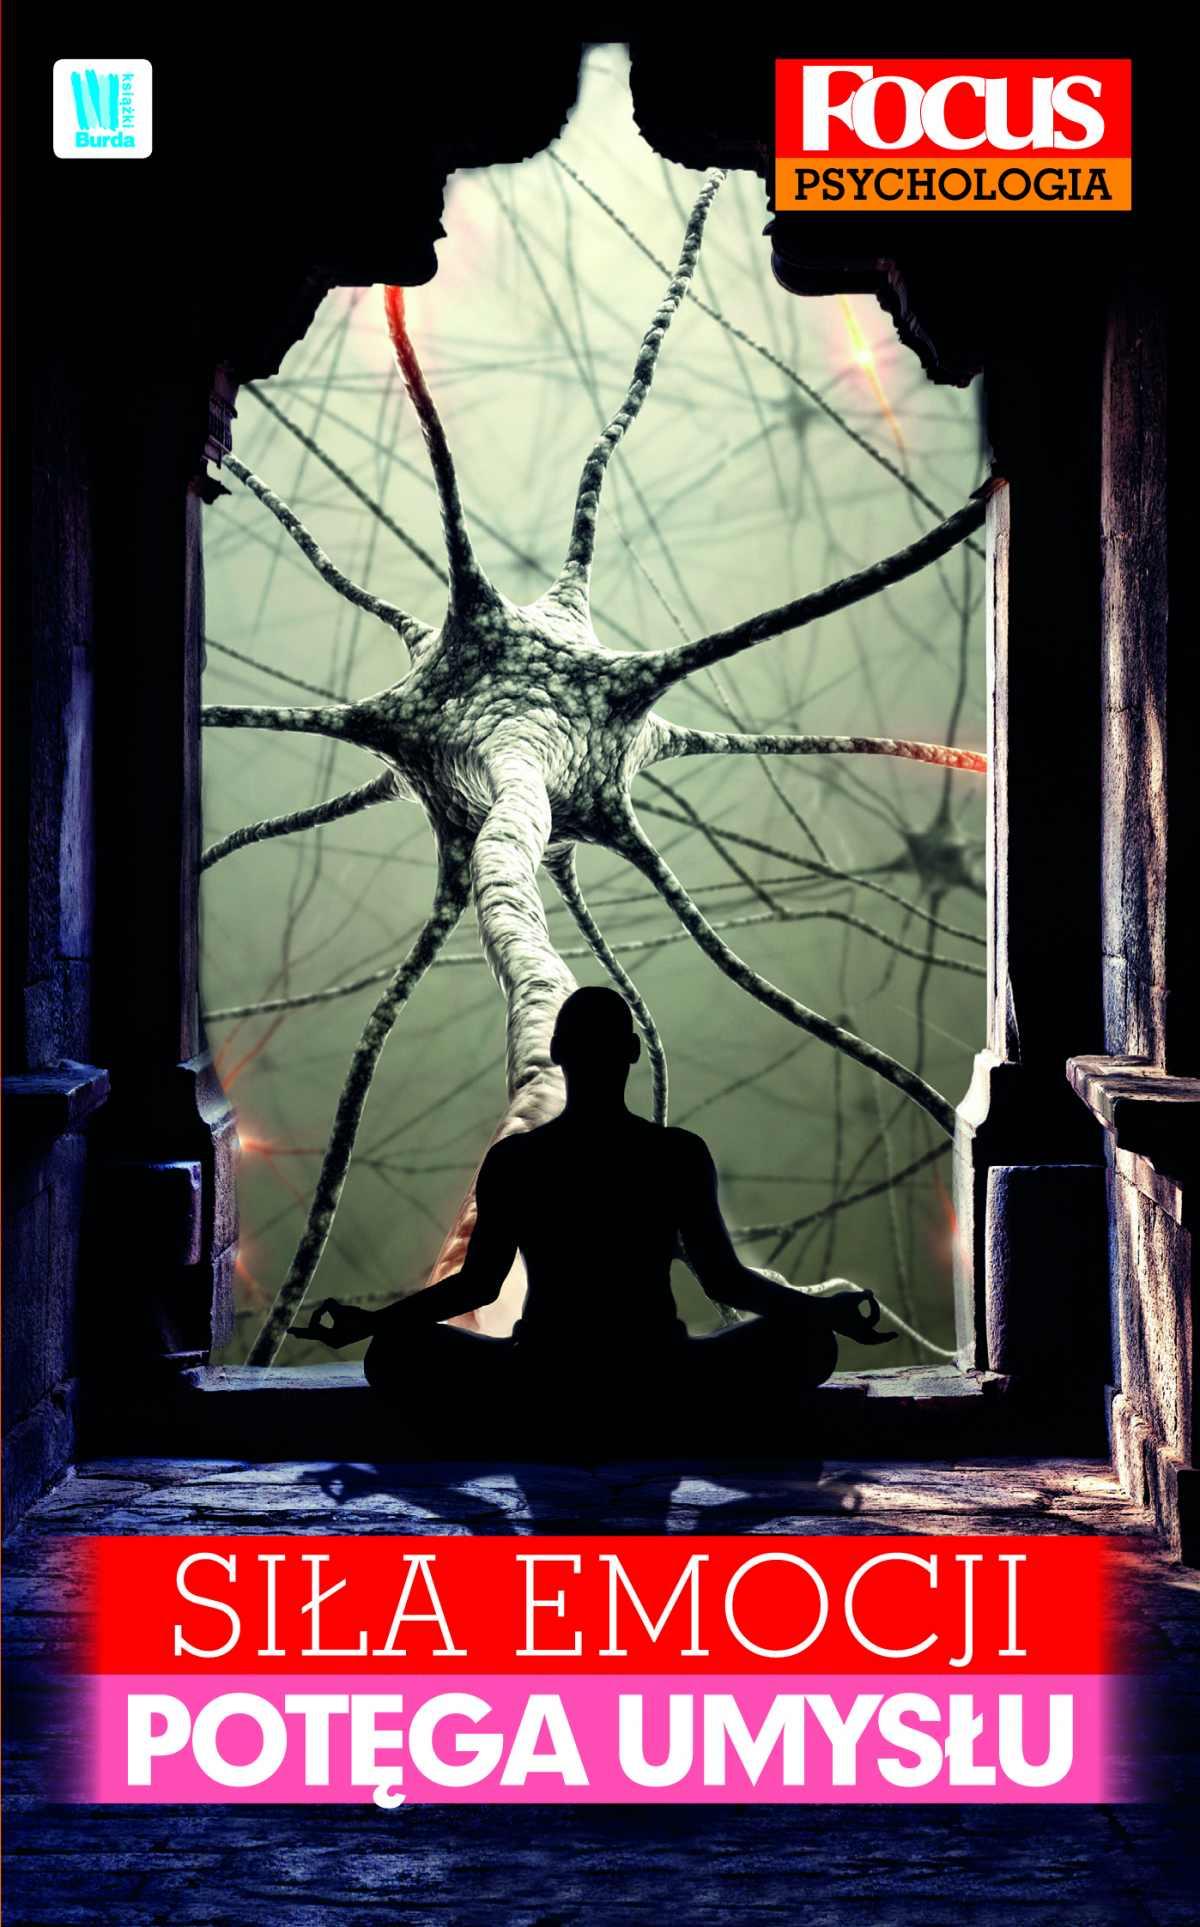 Siła emocji, potęga umysłu - Ebook (Książka EPUB) do pobrania w formacie EPUB